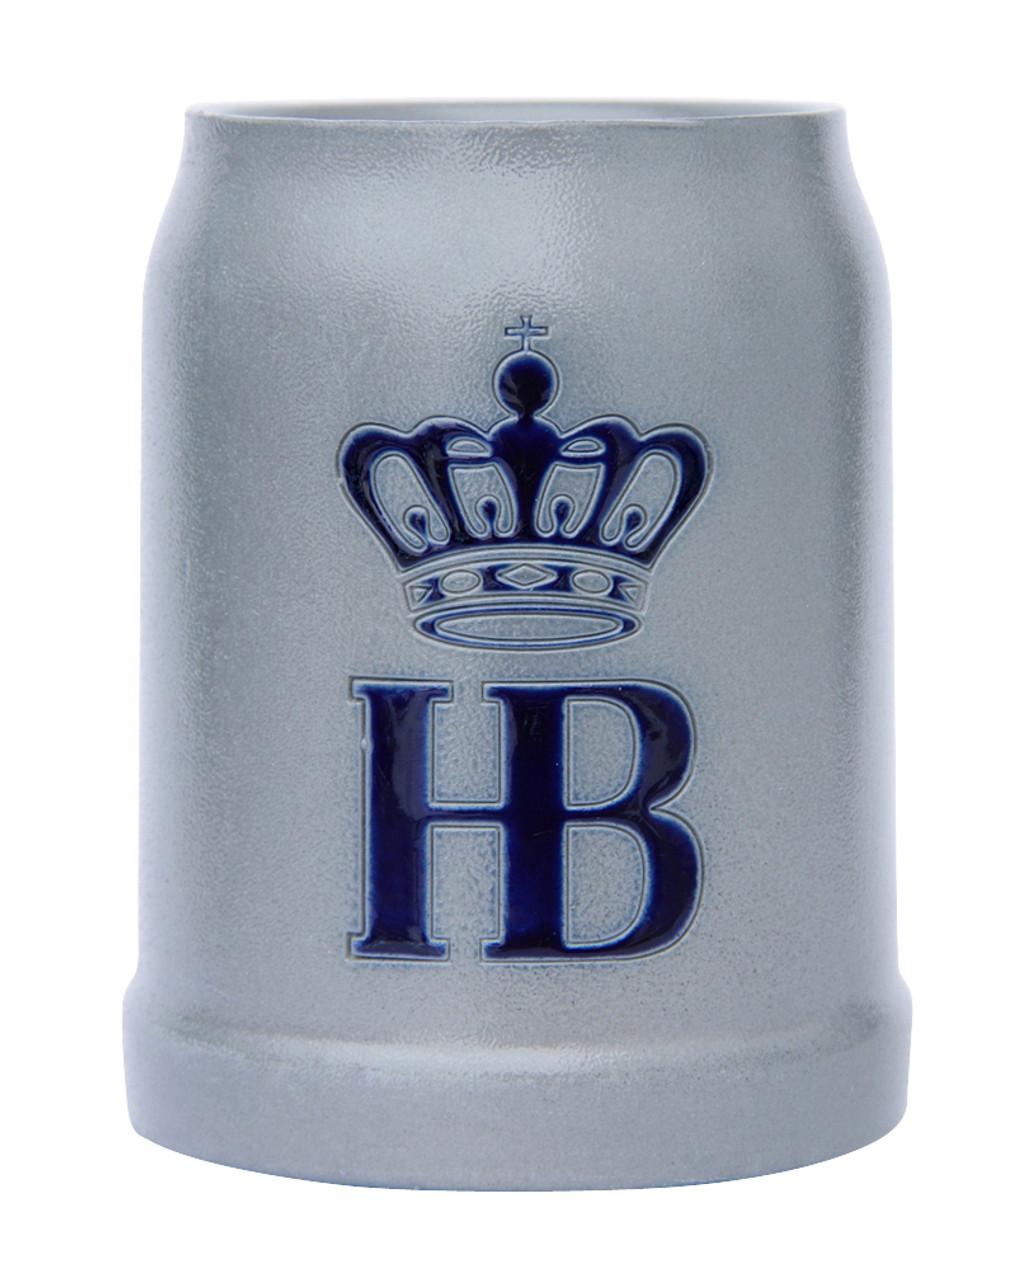 Hofbrauhaus HB 0.5 Liter Salt Glaze Stoneware Beer Mug